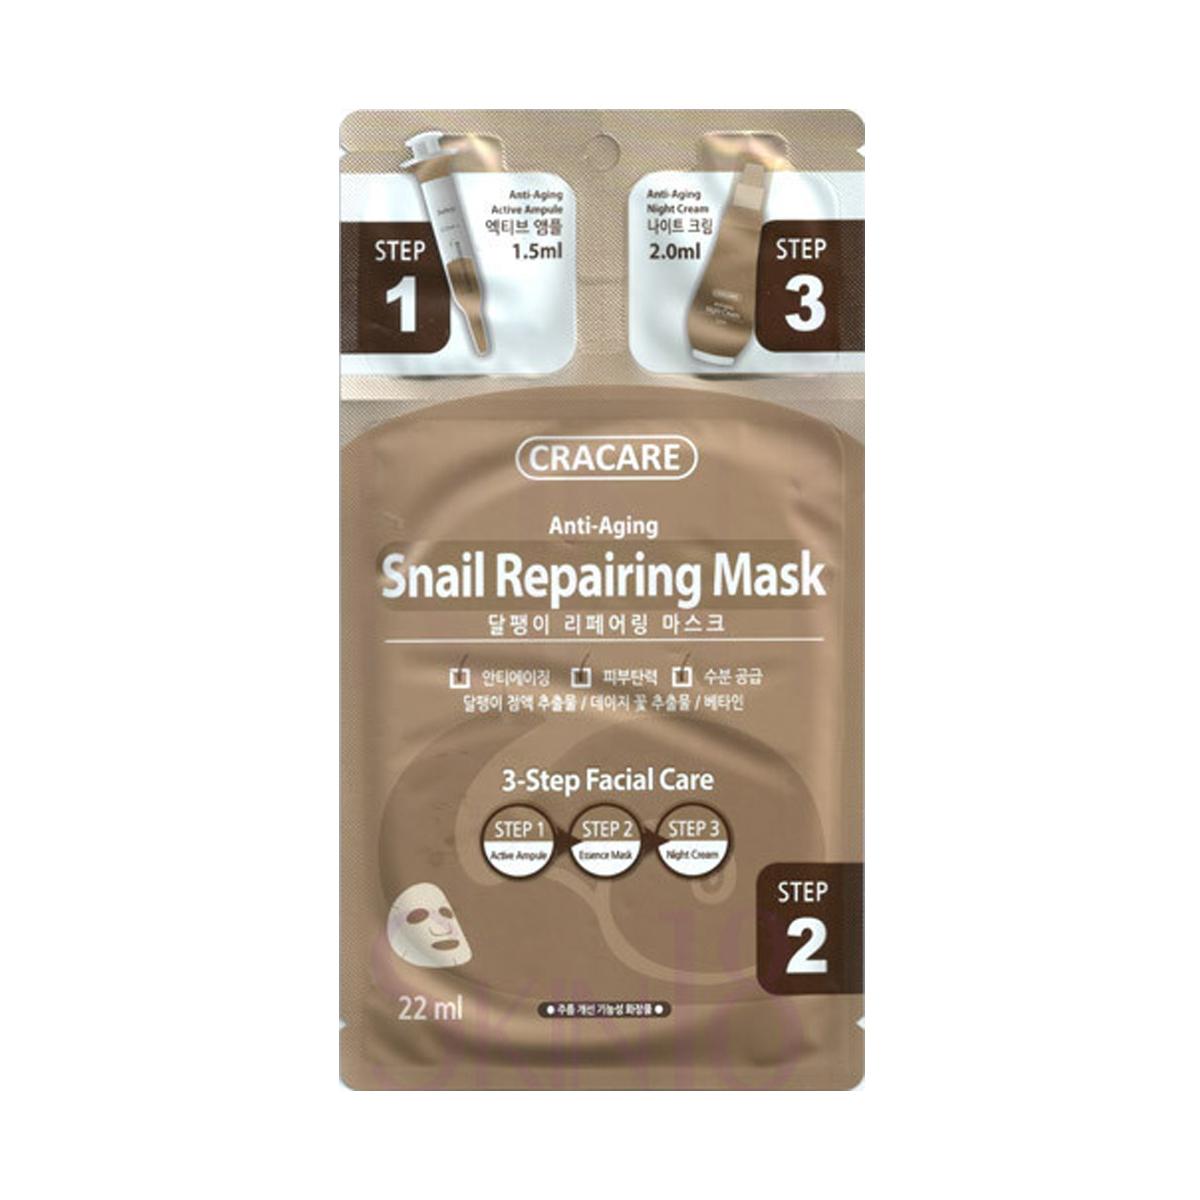 Cracare Регенерирующая маска с экстрактом слизи улитки 3 шага929622Регенерирующая маска с экстрактом слизи улитки эффективно регенерирует, восстанавливает и глубоко увлажняет кожу.3-х Ступенчитая Противовозрастная СистемаАктивная ампула. На очищенную кожу нанести умеренное количество, преимущественно вокруг глаз и губ, остаток ампулы может быть нанесено на область, которая Вас больше всего беспокоит.Маска. Нанести маску на лицо, оставить на 20-30 минут. .Затем снять маску, а остатки геля легкими движениями распределить по лицу. Ночной крем. Нанести умеренное количество, преимущественно вокруг глаз и губ. Меры предосторожности: Хранить в недоступном для детей месте. Избегать контакта с глазами. Срок годности: 3 года с даты изготовления.